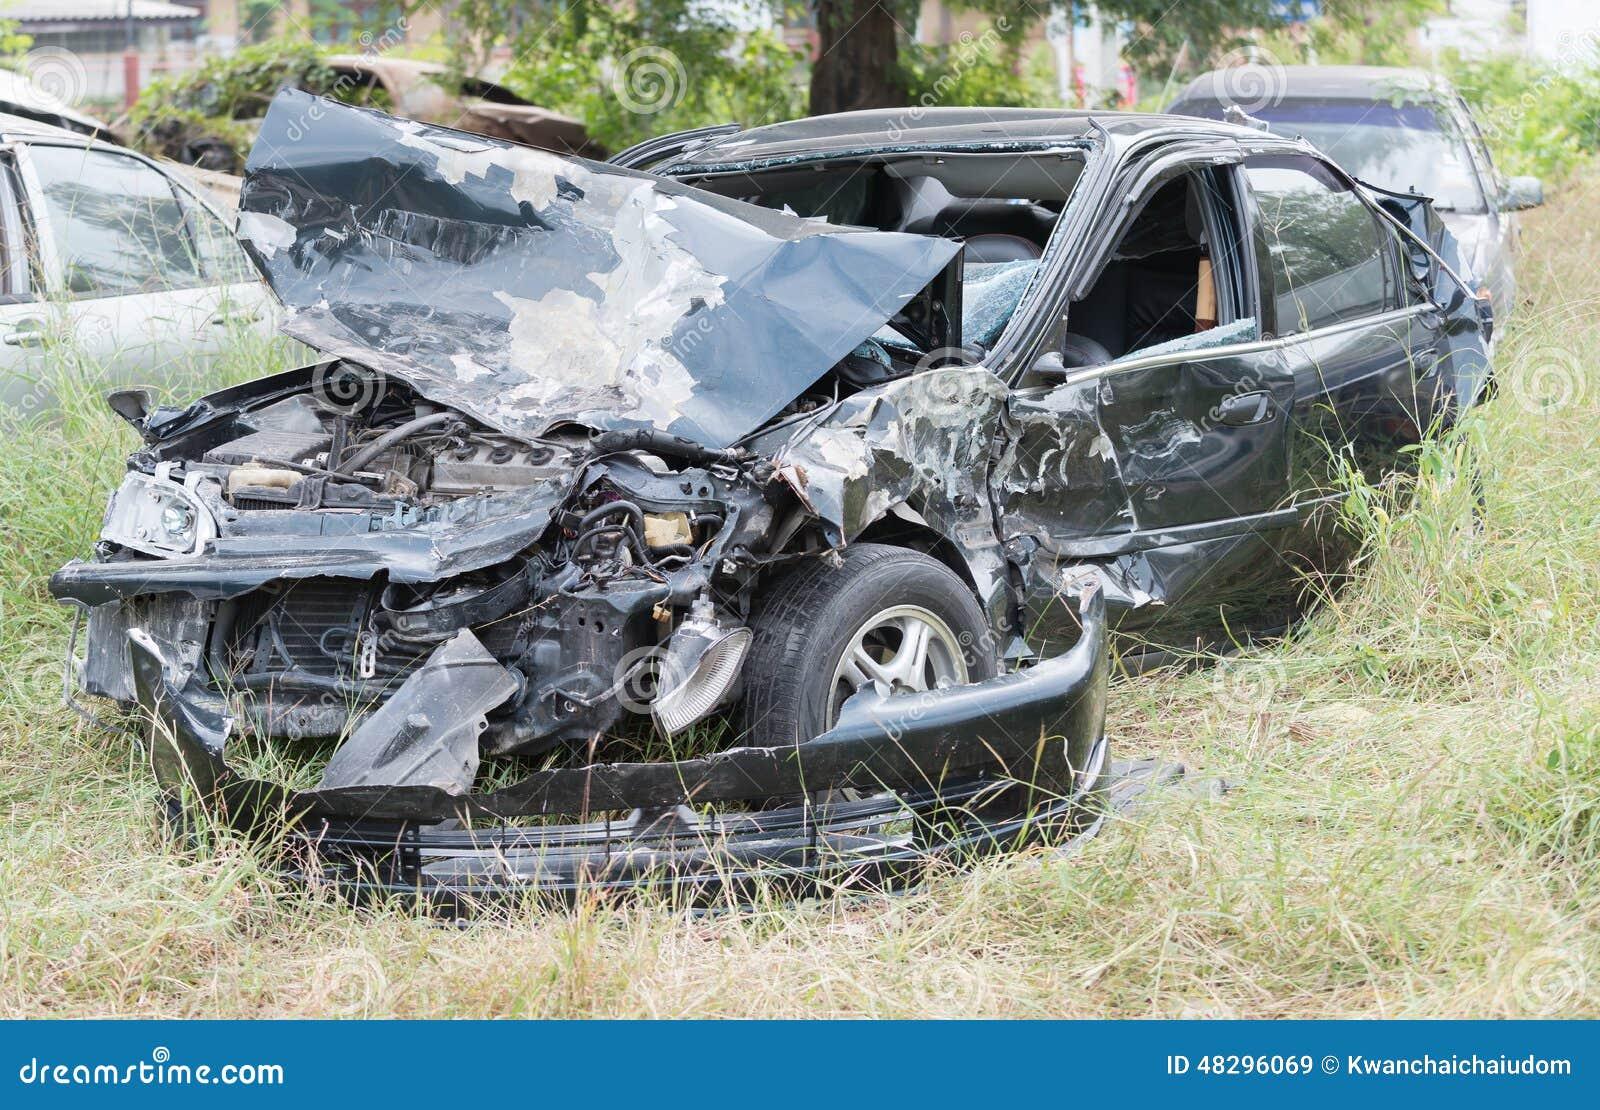 Wunderbar Autounfall Fotos Kostenloser Download Ideen - Die Besten ...